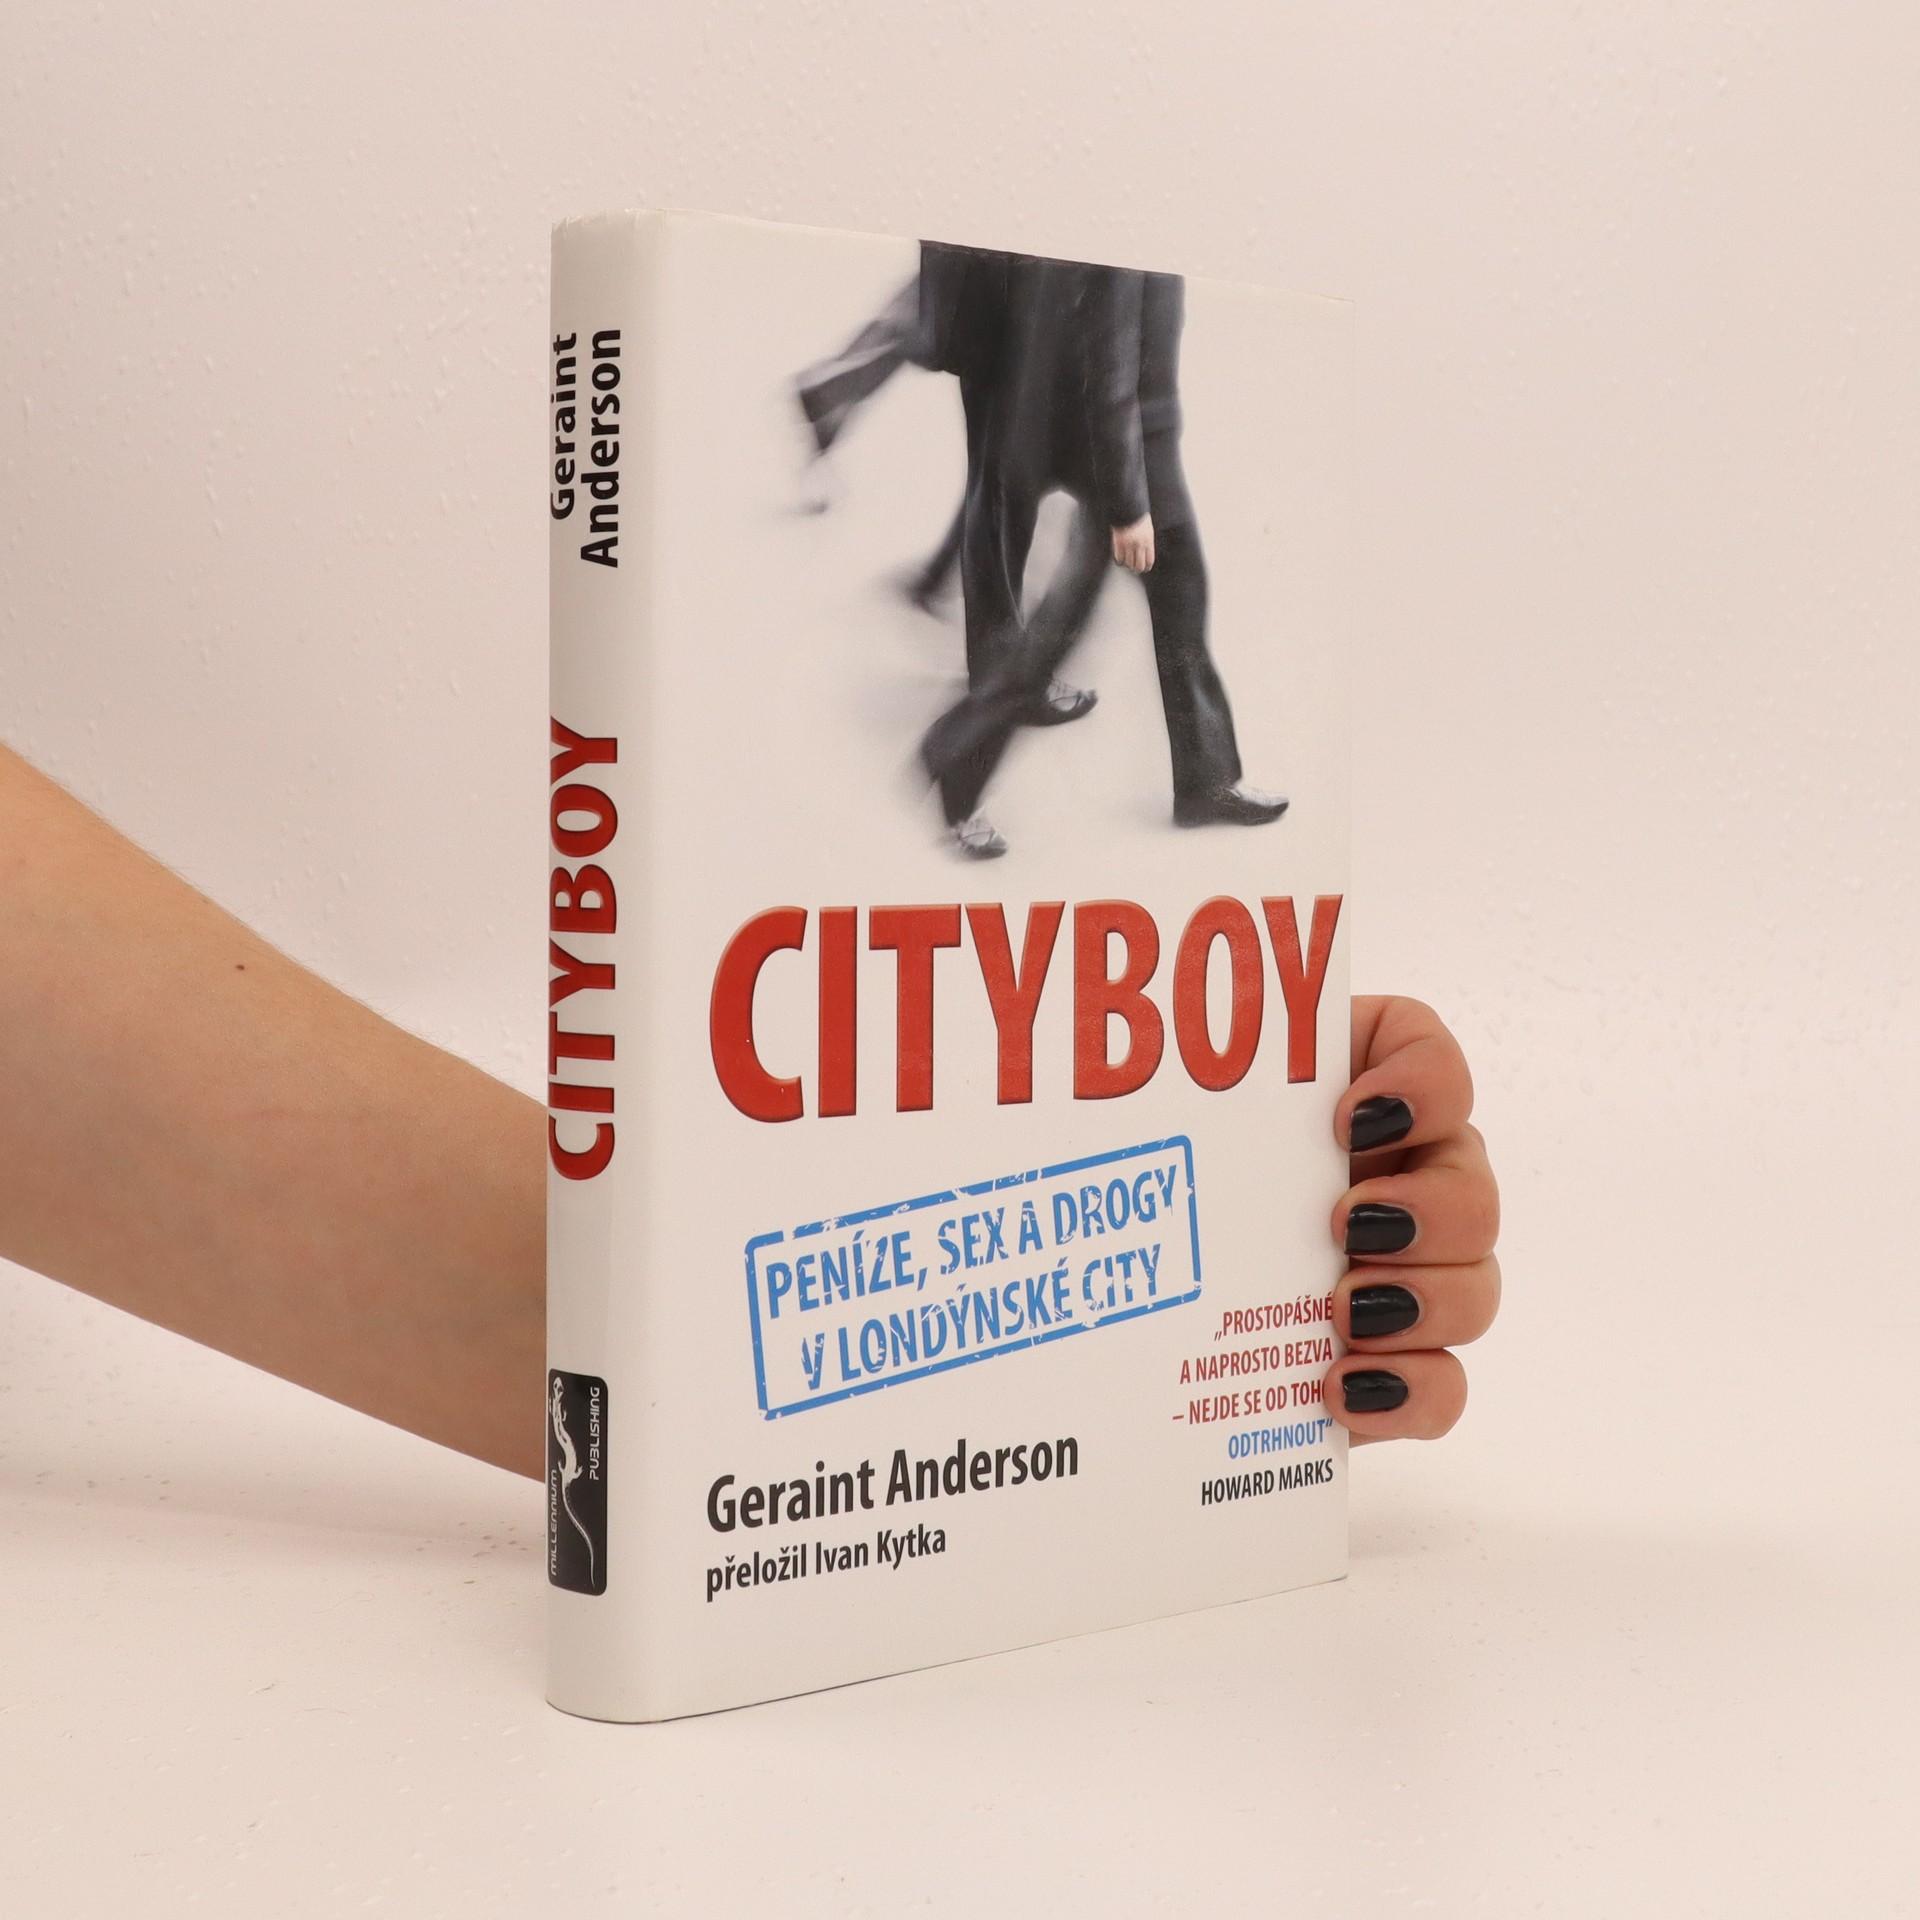 antikvární kniha Cityboy, 2010